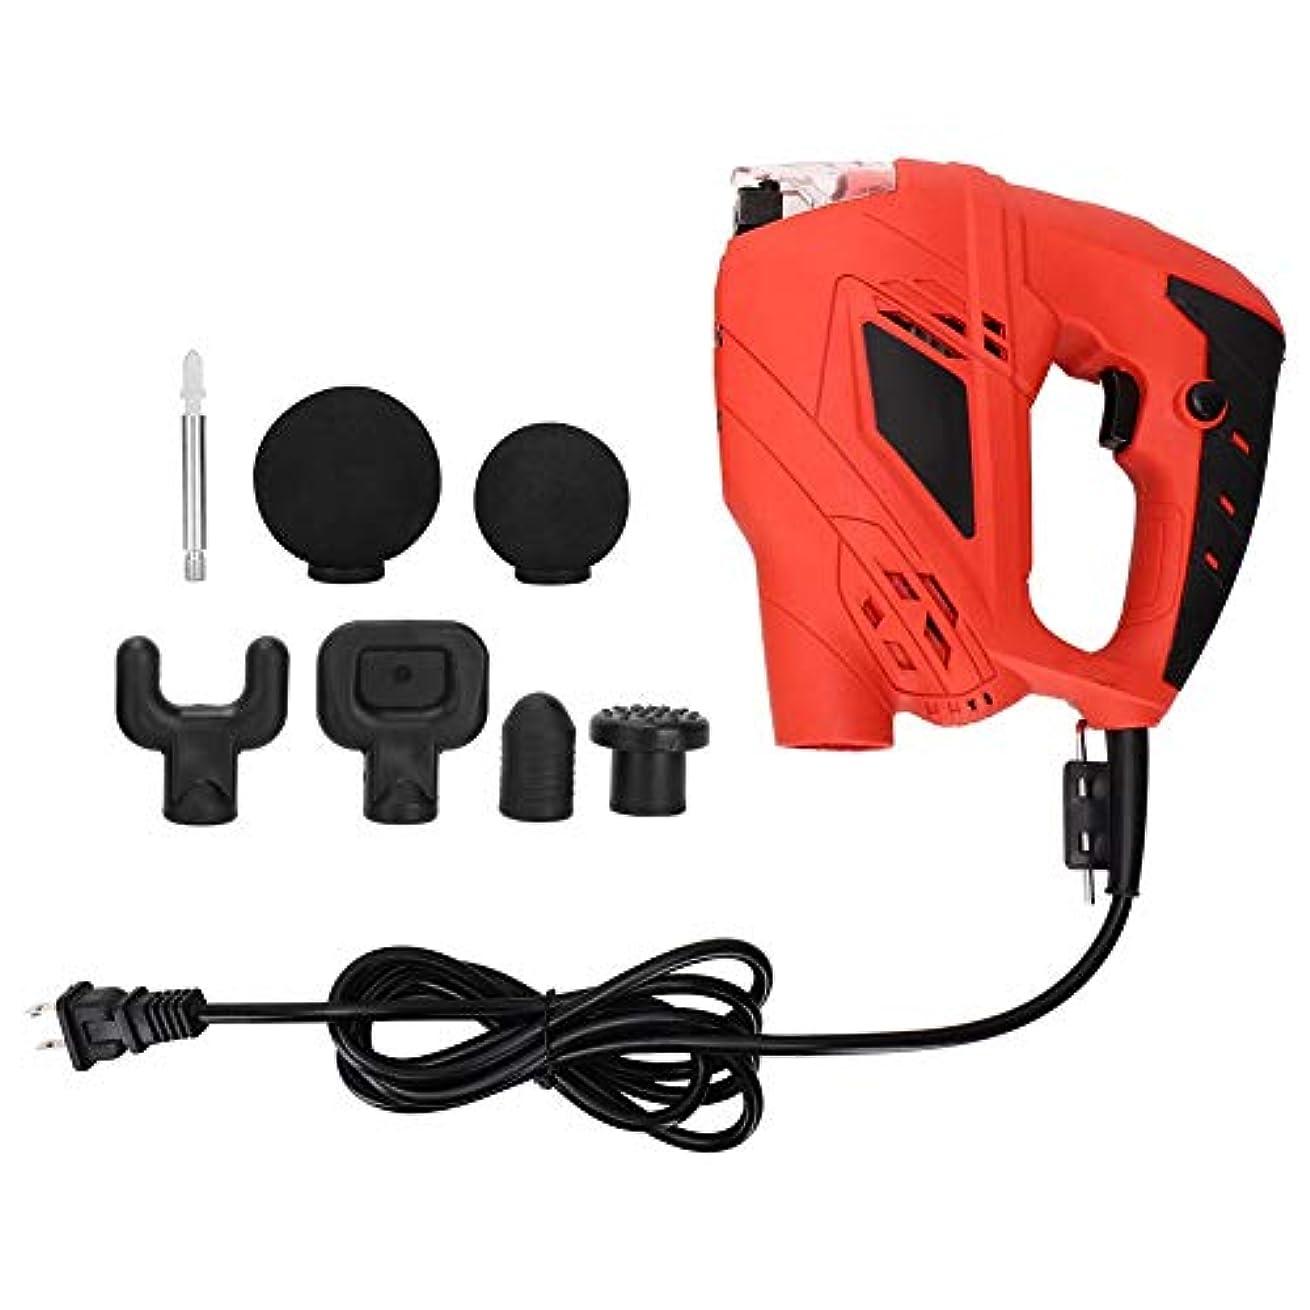 事前フィールド証人深部組織マッスルマッサージャーガンマッサージデバイス、電気痛み緩和筋肉筋膜疲労リラックスマシンマッサージ銃(US Plug)